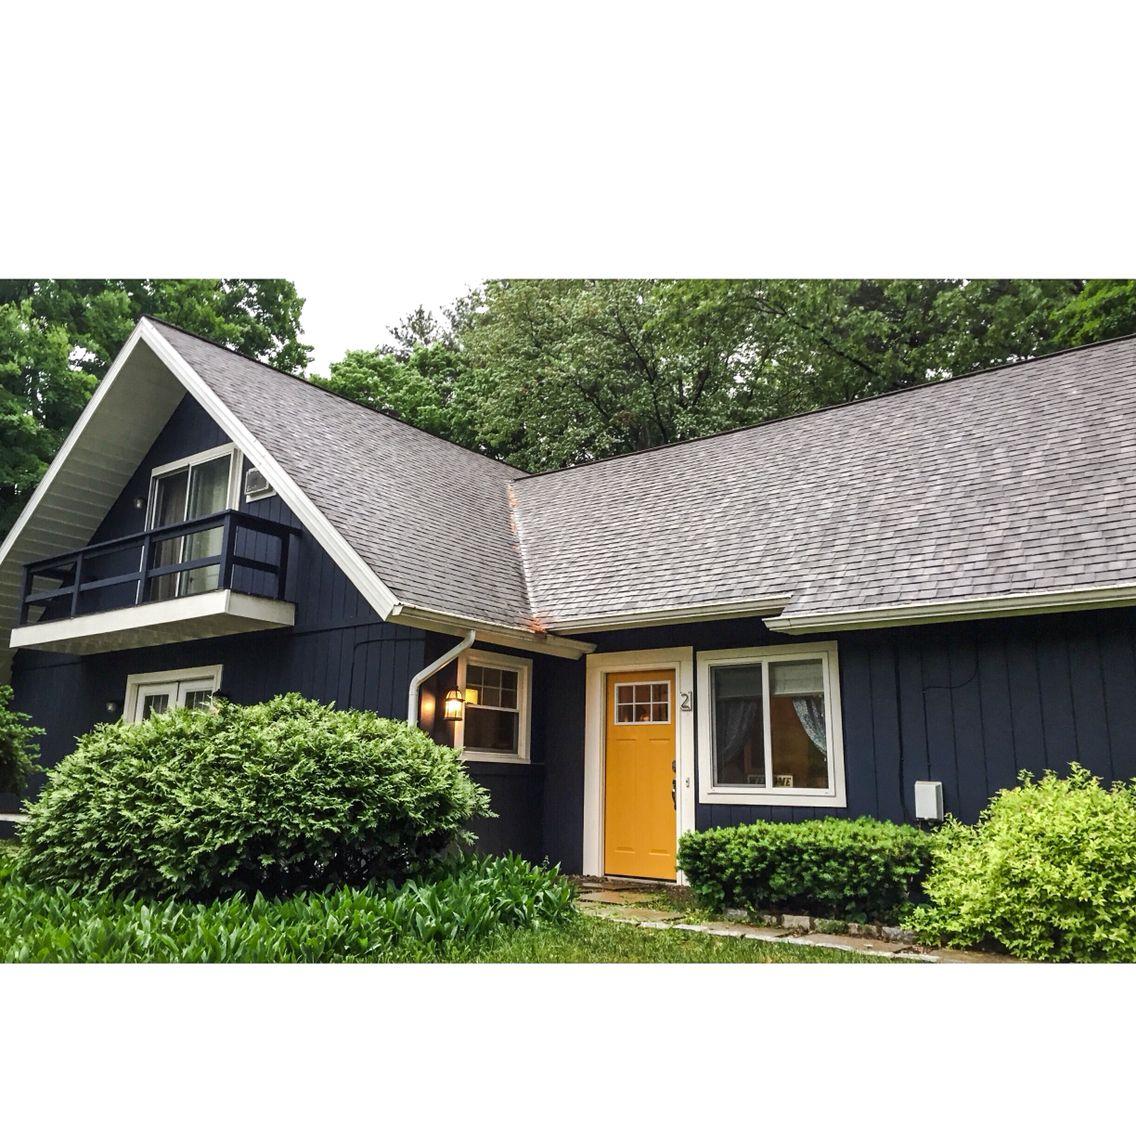 Yellow Front Door With Benjamin Moore Navy Hale House House